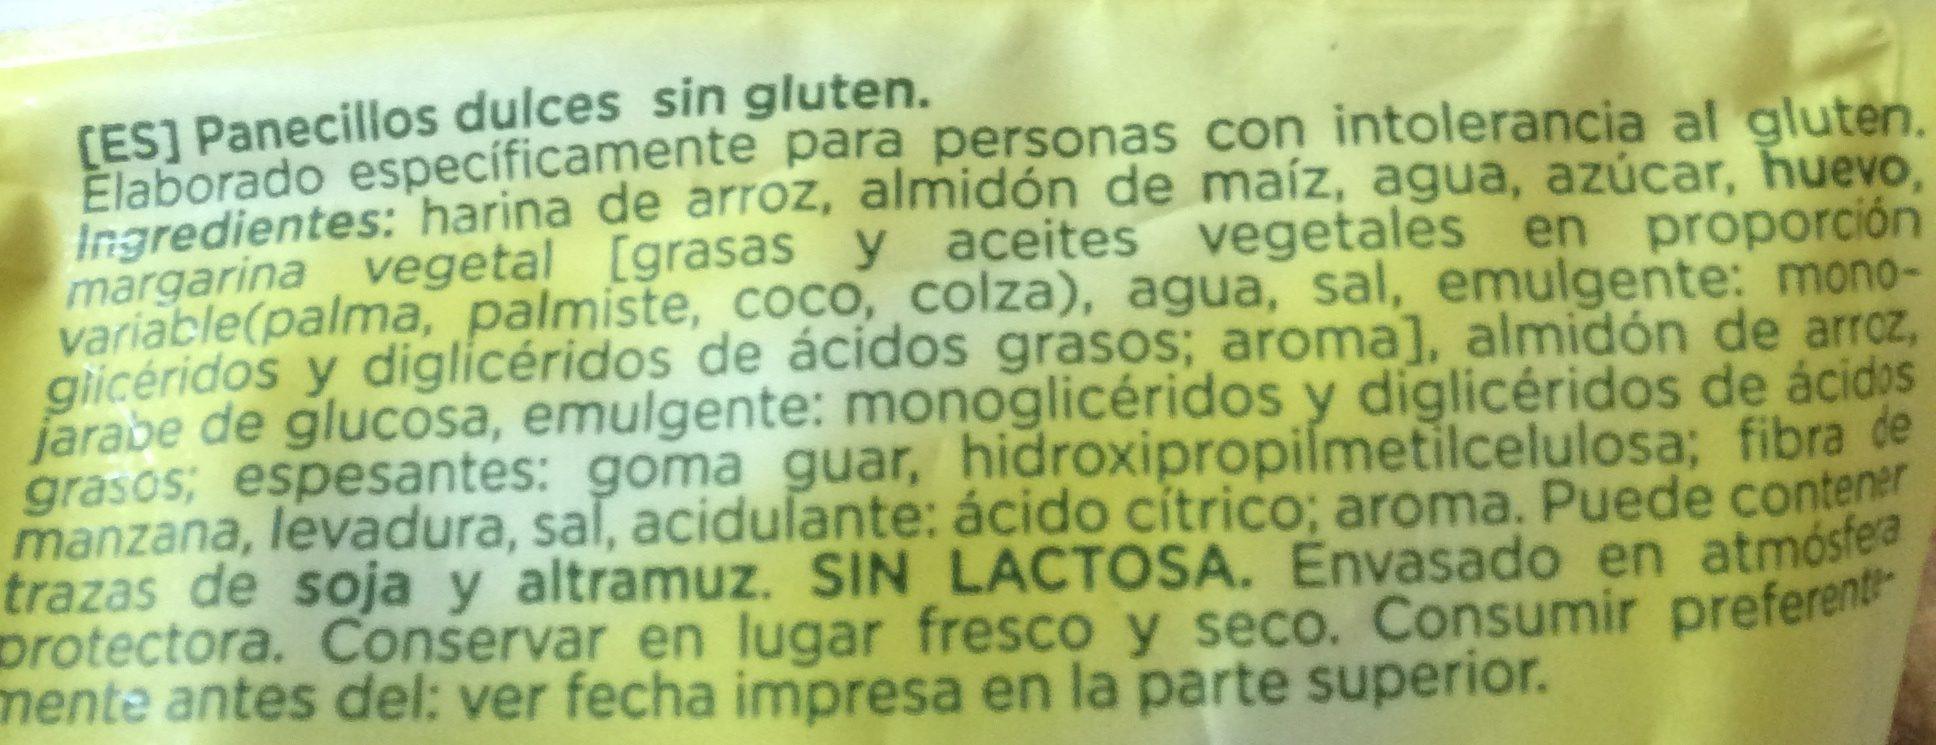 Beiker Panecillos Dulces - Kleine Süsse Brötchen - Ingredients - es